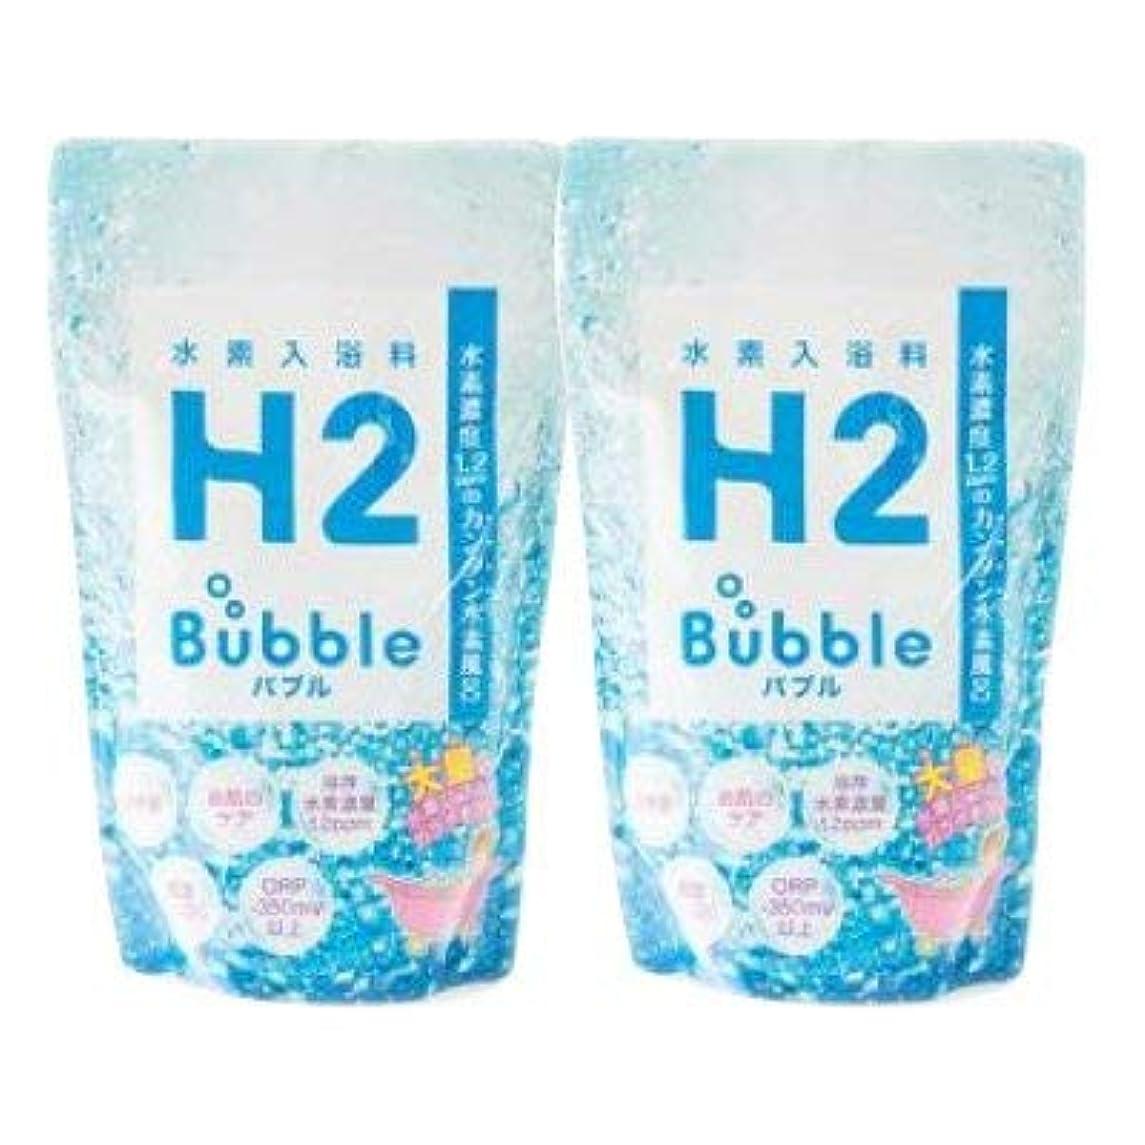 バストシンプルなジェット水素 入浴剤 水素 風呂 水素バス【H2バブル h2bubble 700g(約1カ月分)×2袋セット】